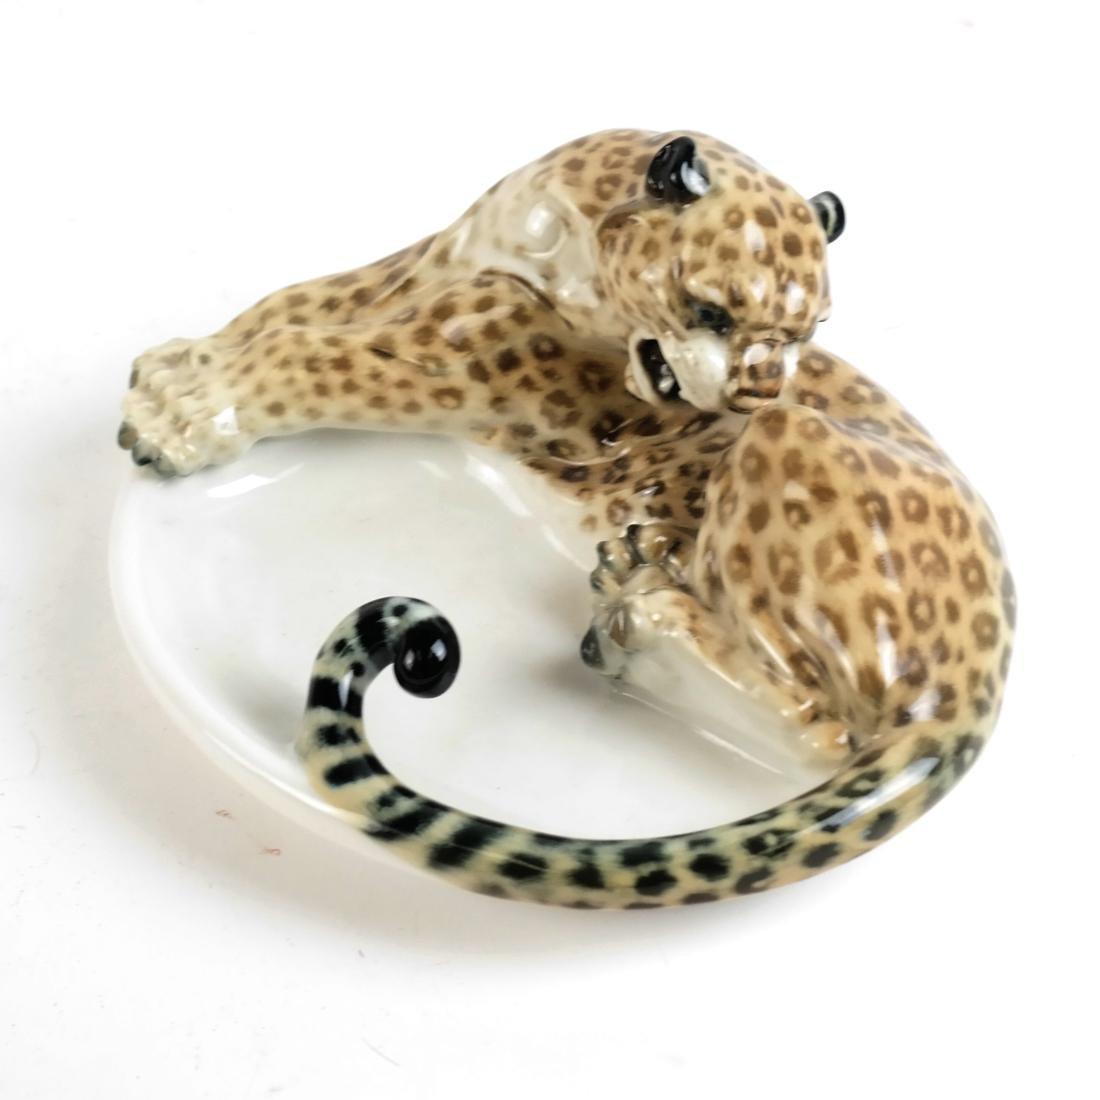 Hutschenreuther Cheetah Dish